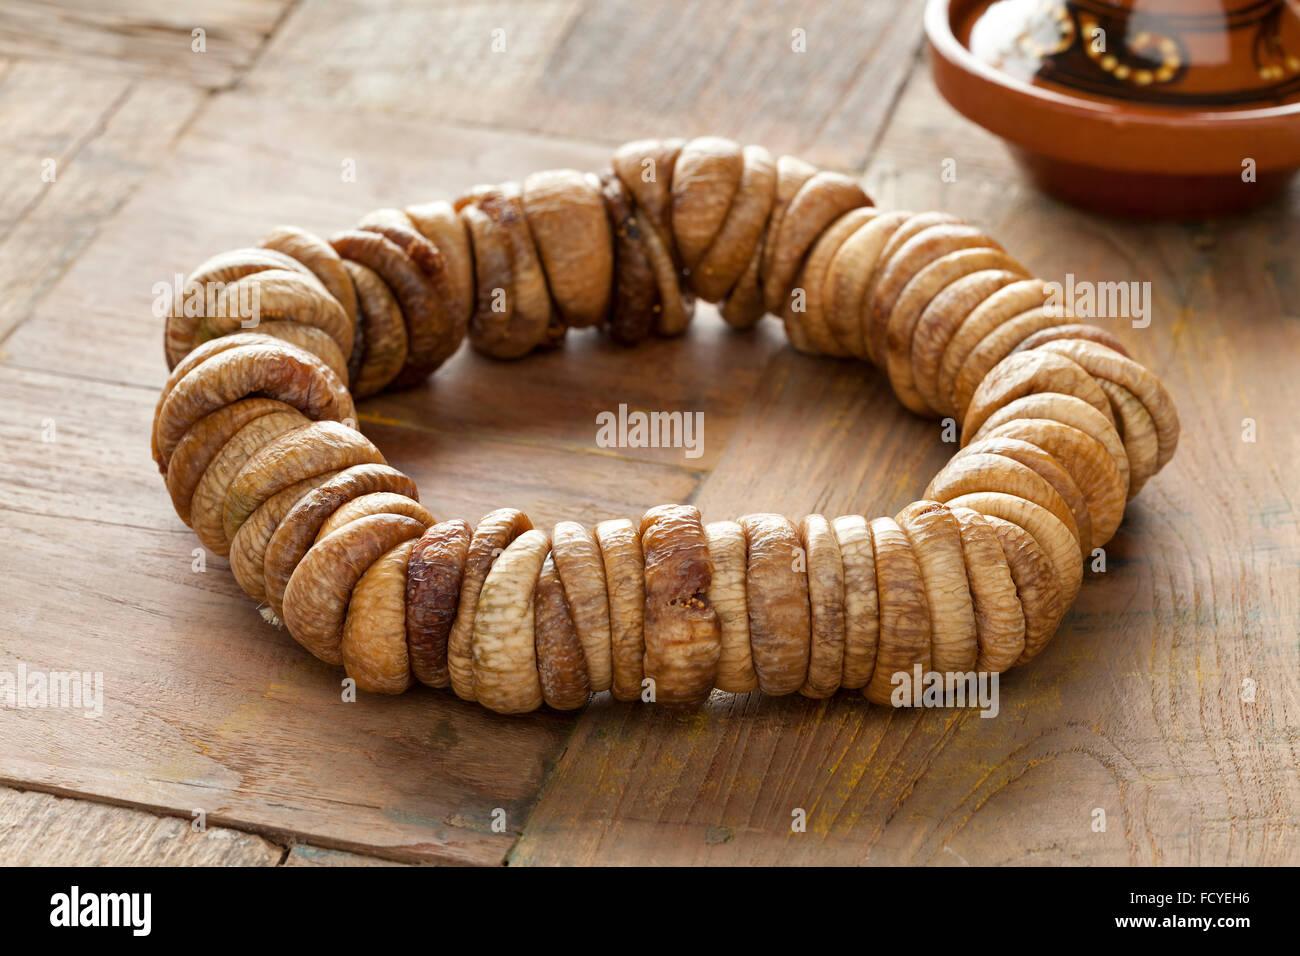 Figues séchées traditionnel marocain sur une corde Photo Stock